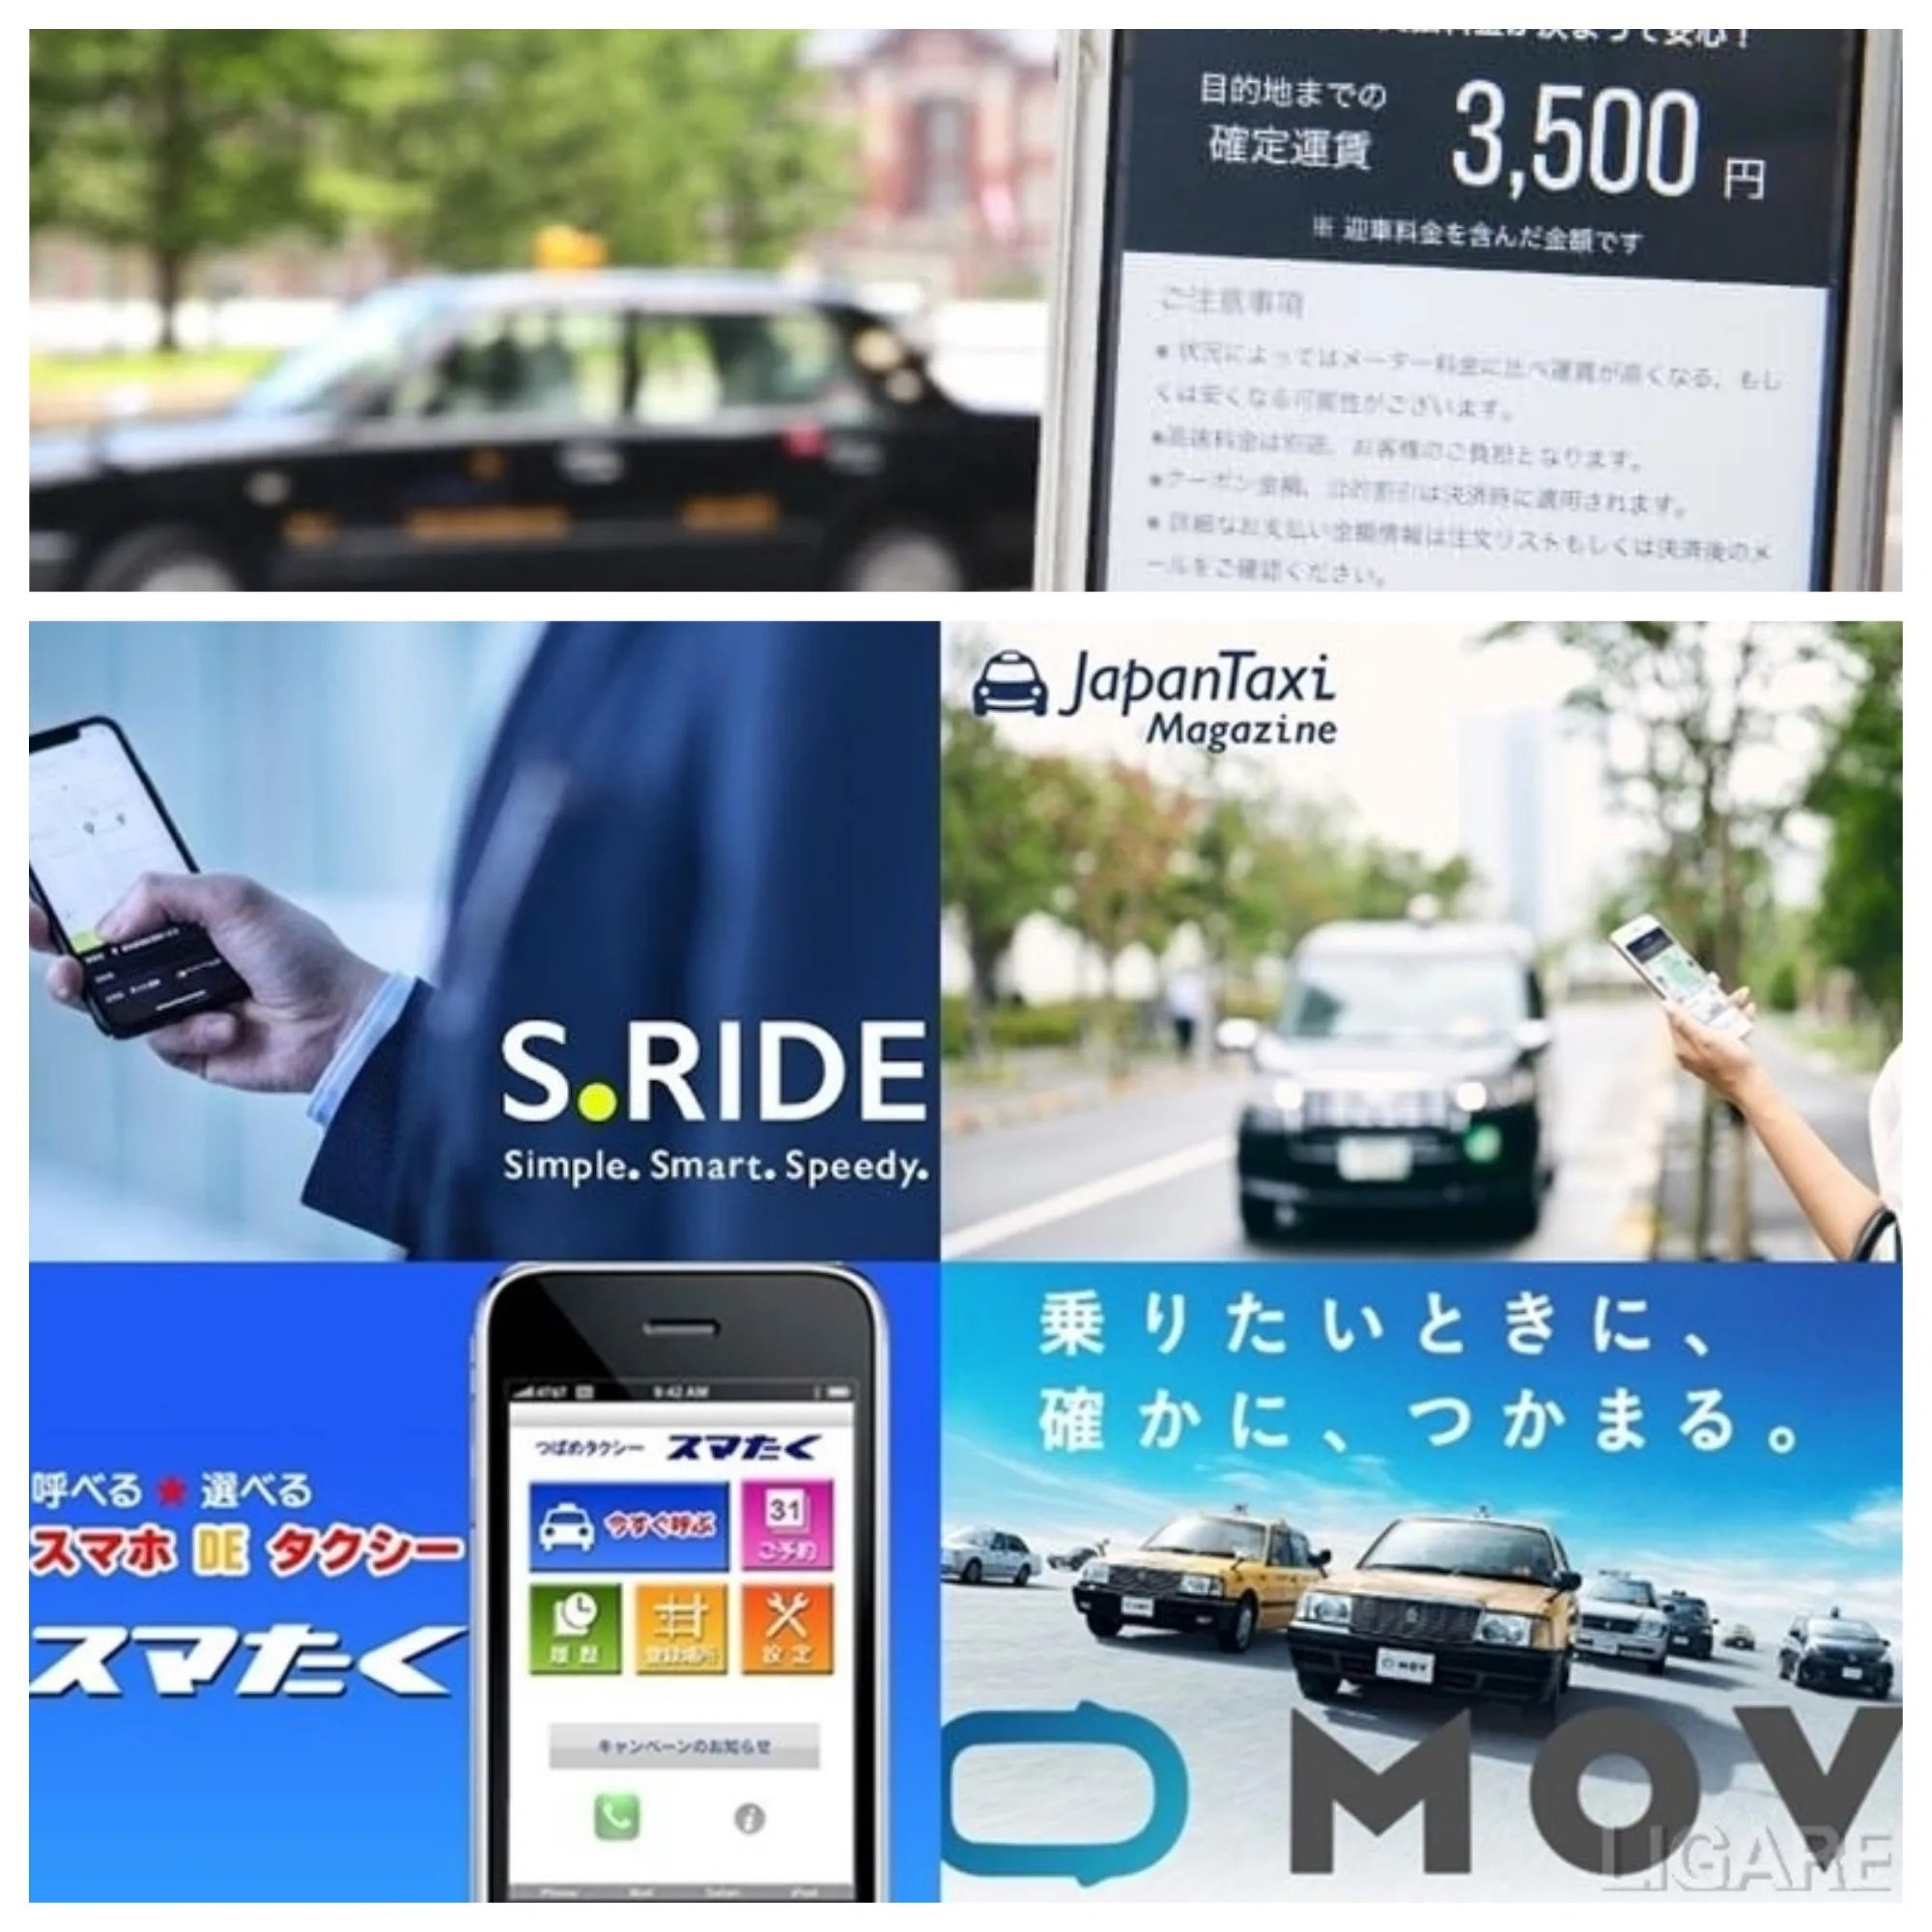 タクシー事前確定運賃サービスが開始!関西は11月15日から開始、関東は開始済み